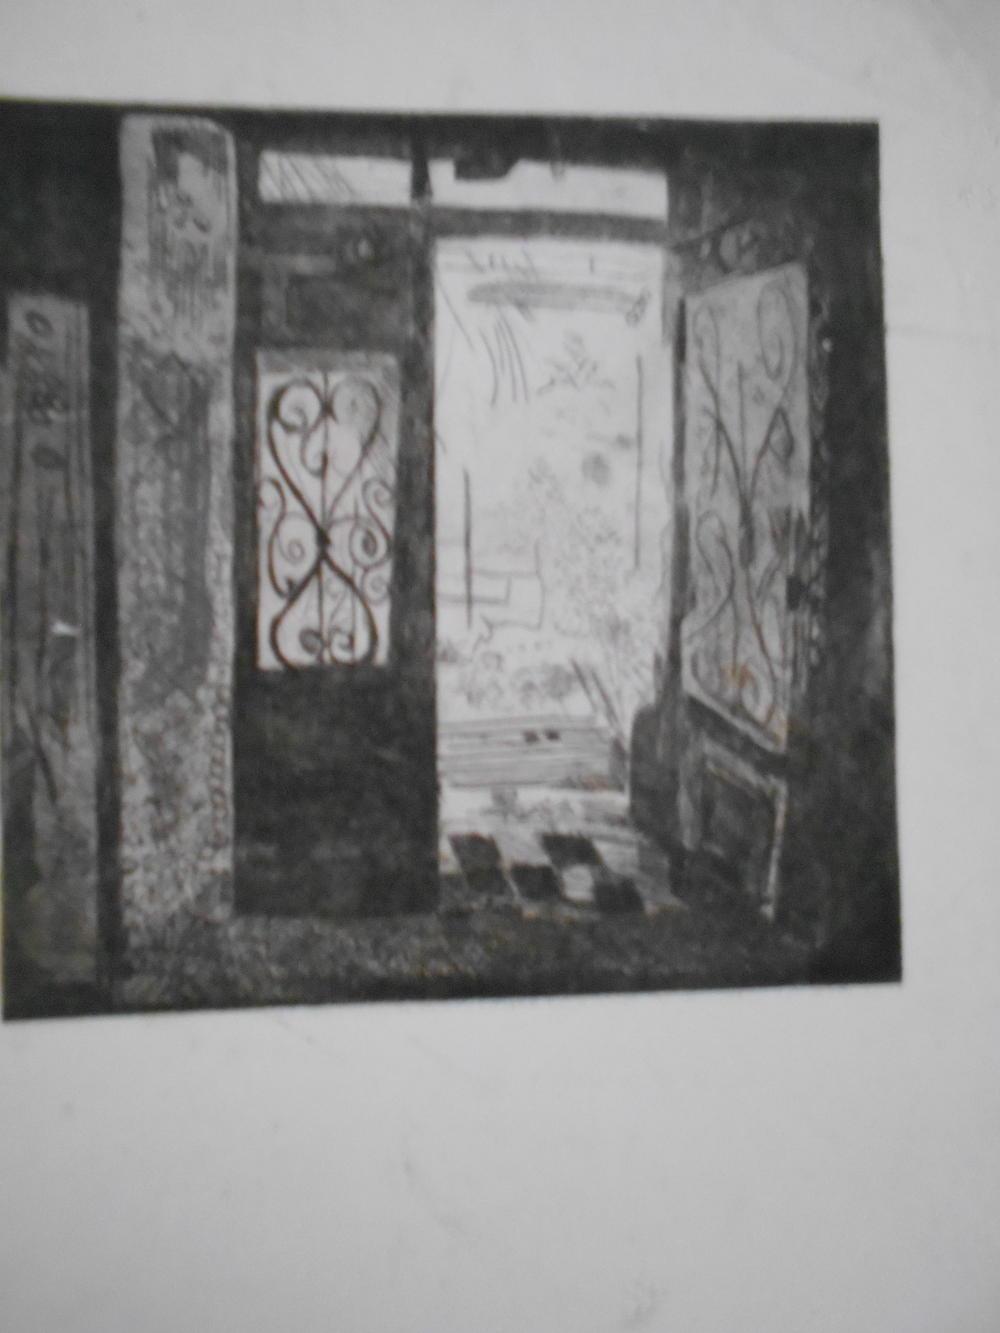 1992_eaufortea (5)